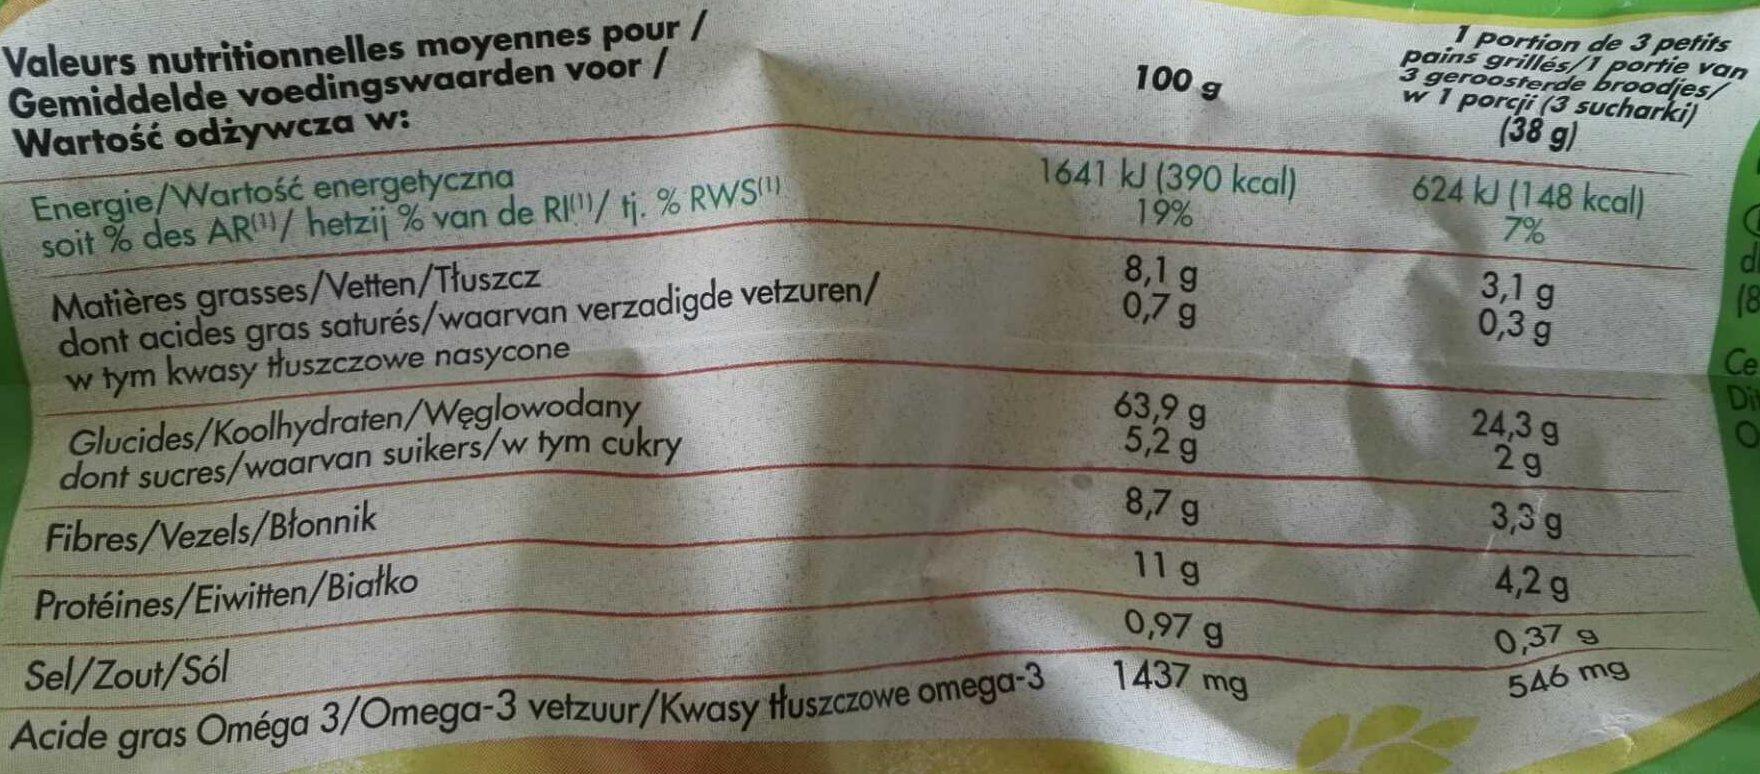 Petits pains grillés - Wartości odżywcze